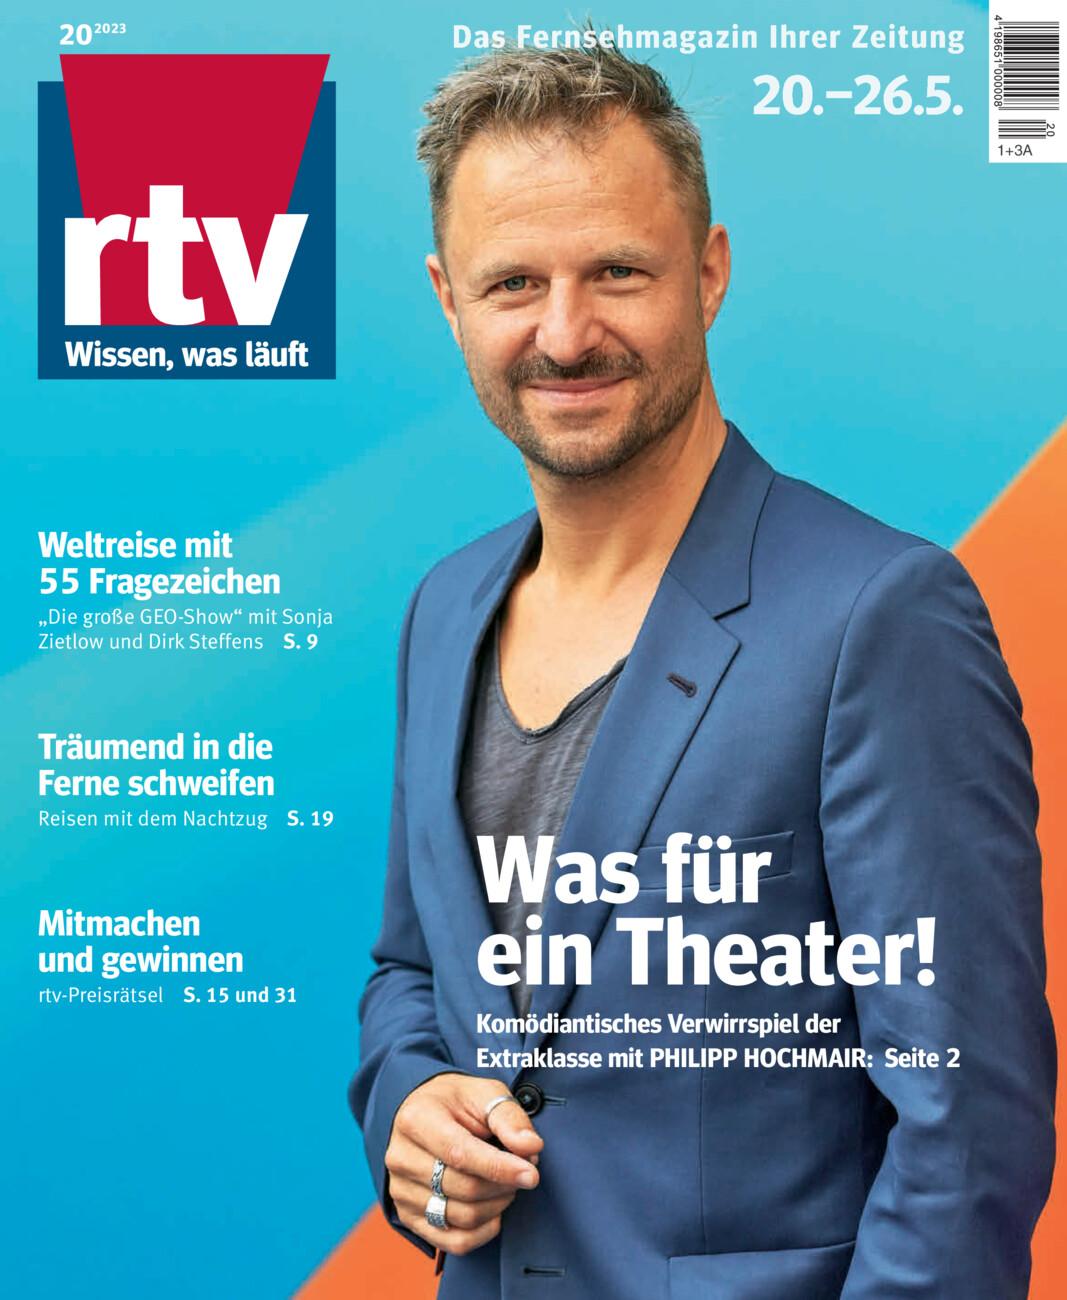 RTV 18.05. - 24.05. vom Dienstag, 14.05.2019